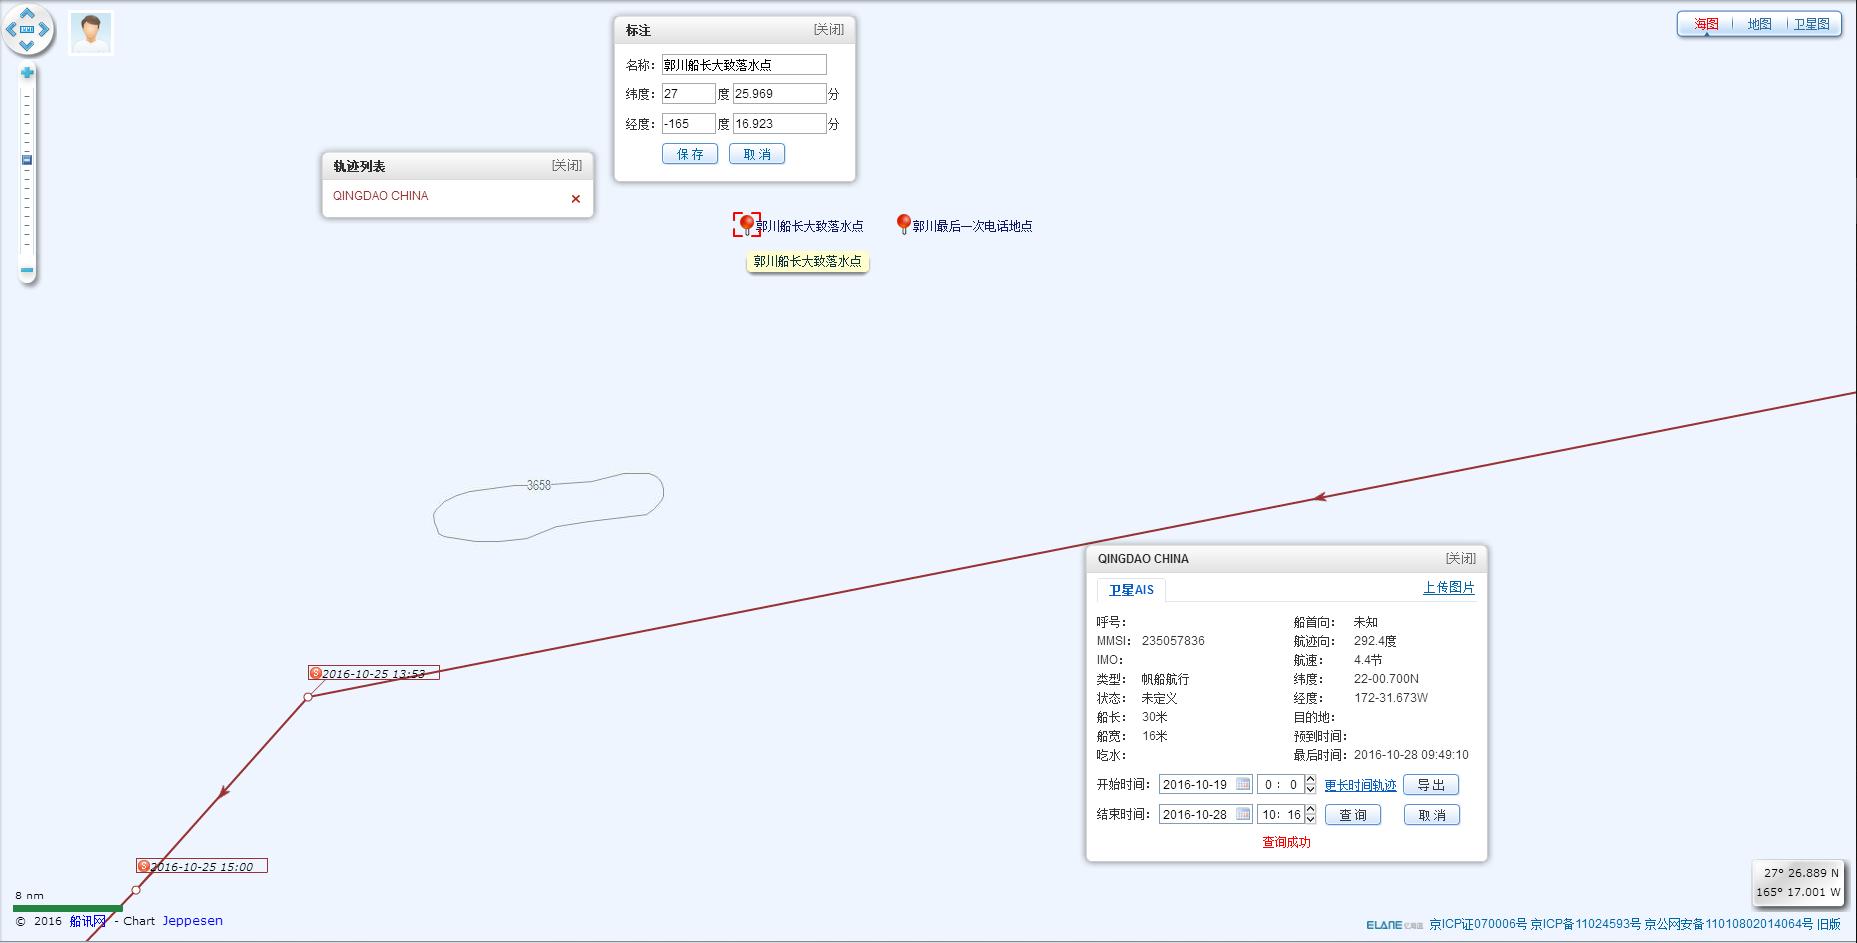 青岛号,郭川,郭川最后通话,横跨太平洋,超级大三体 郭川船长落水时间和地点分析 QQ图片20161028120603.png